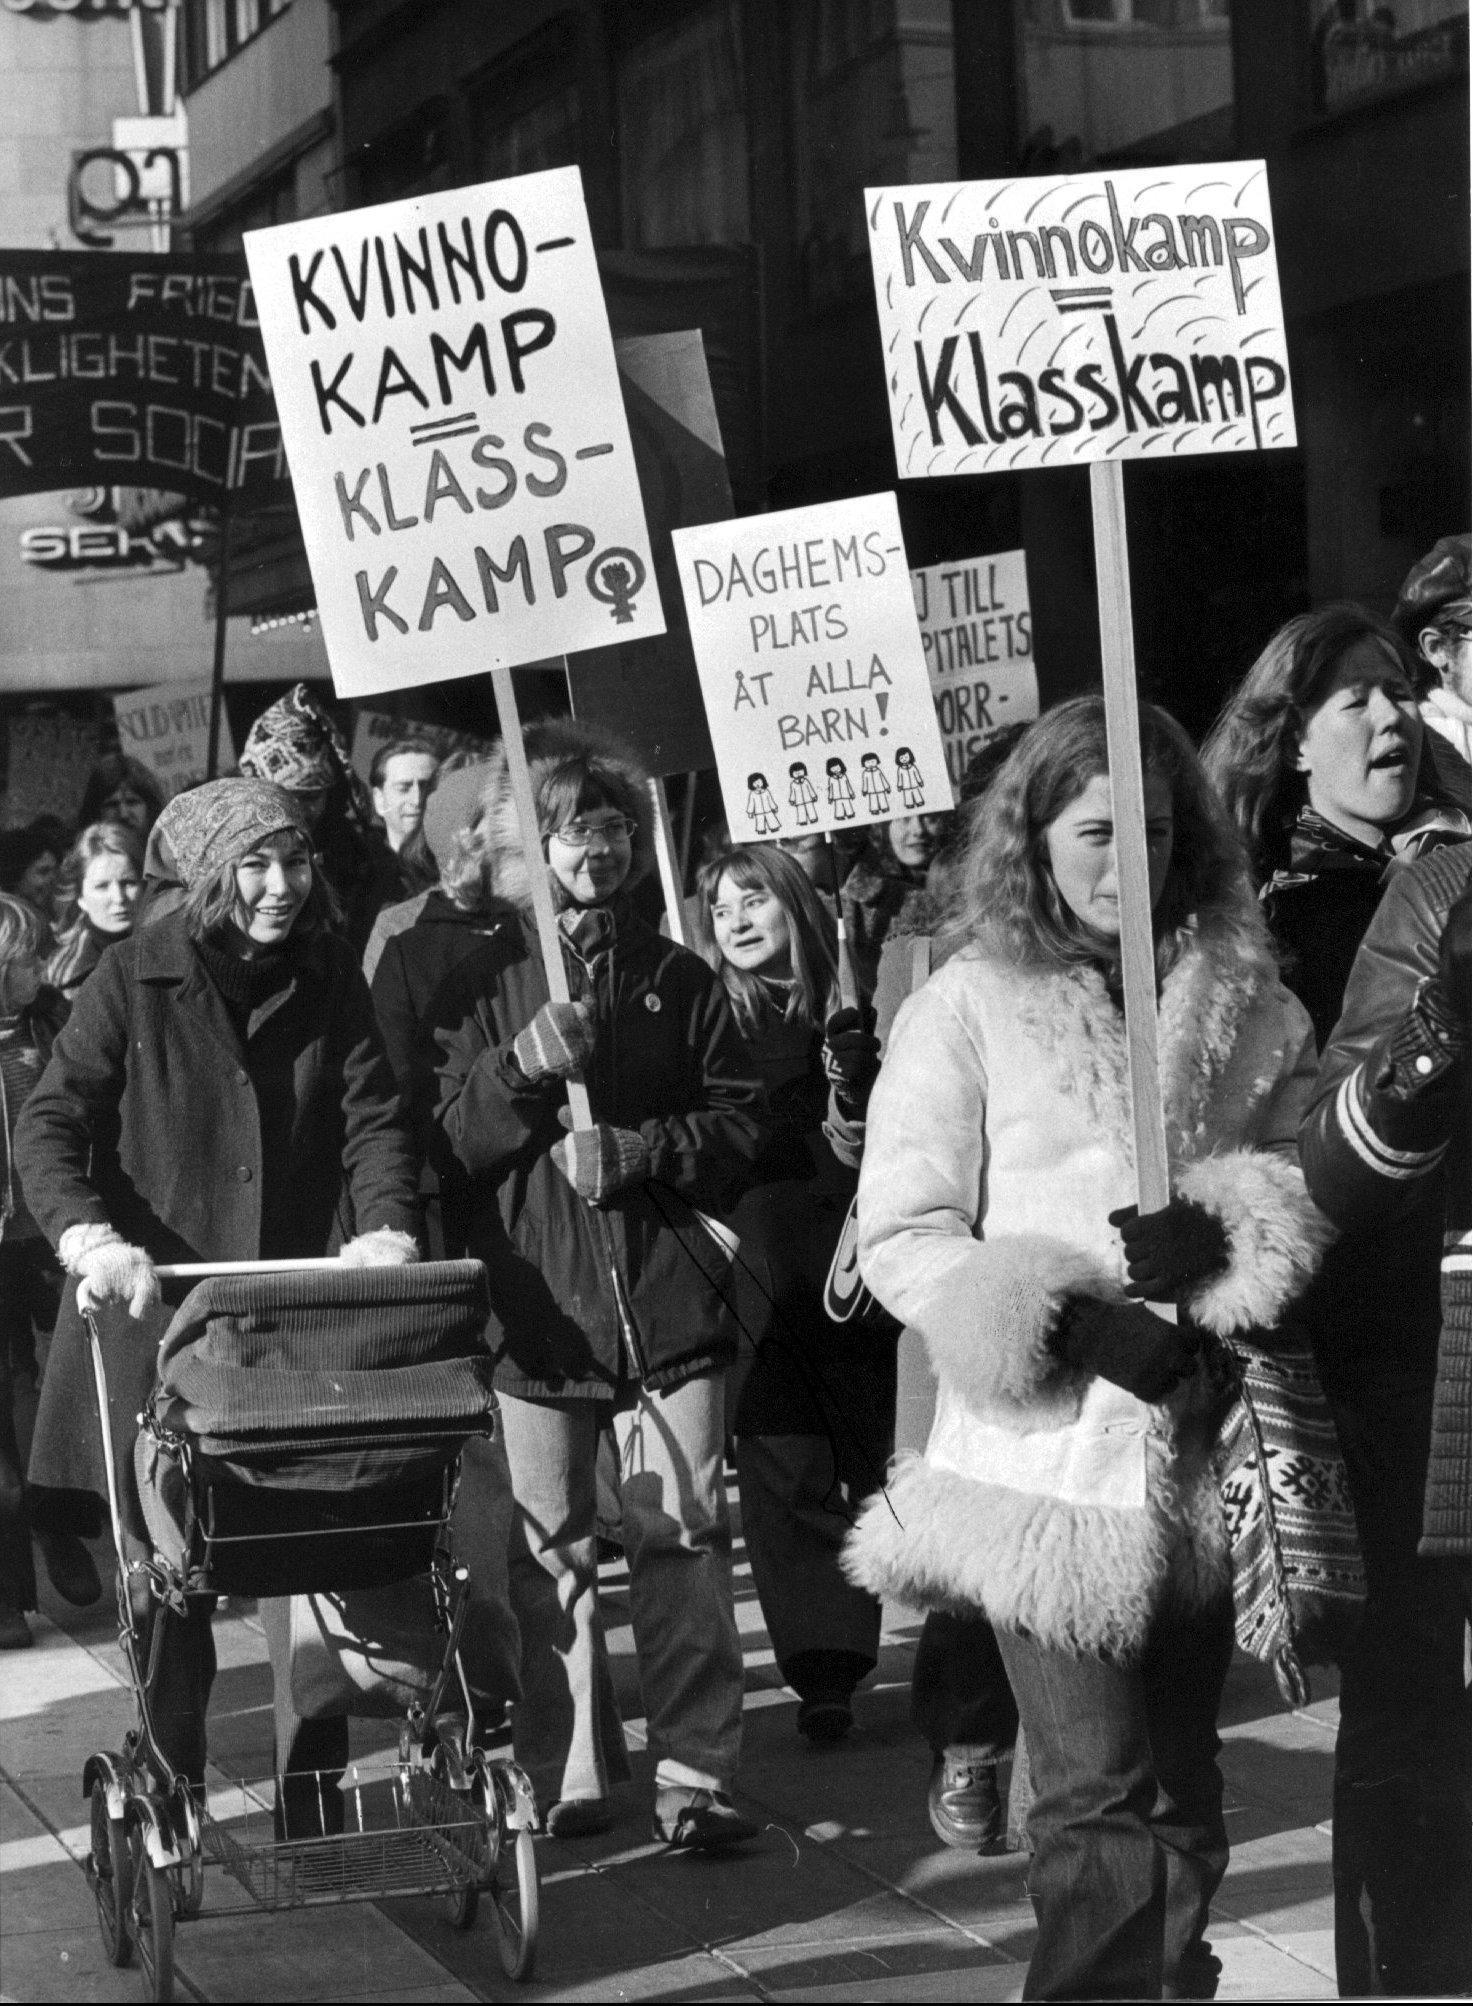 Kvinnodemonstration på internationella kvinnodagen 1974, Stockholm.